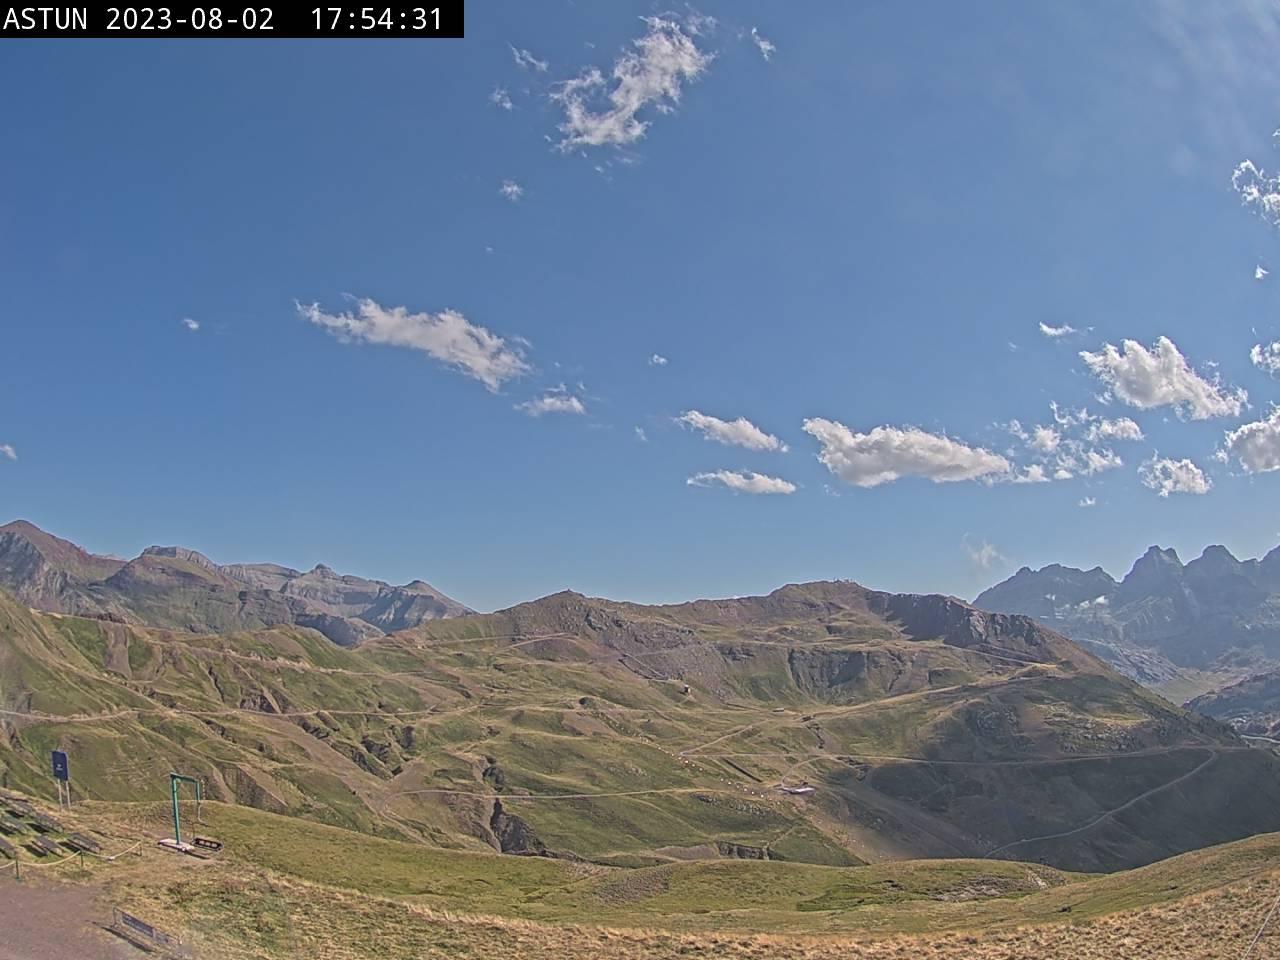 Webcam de Truchas